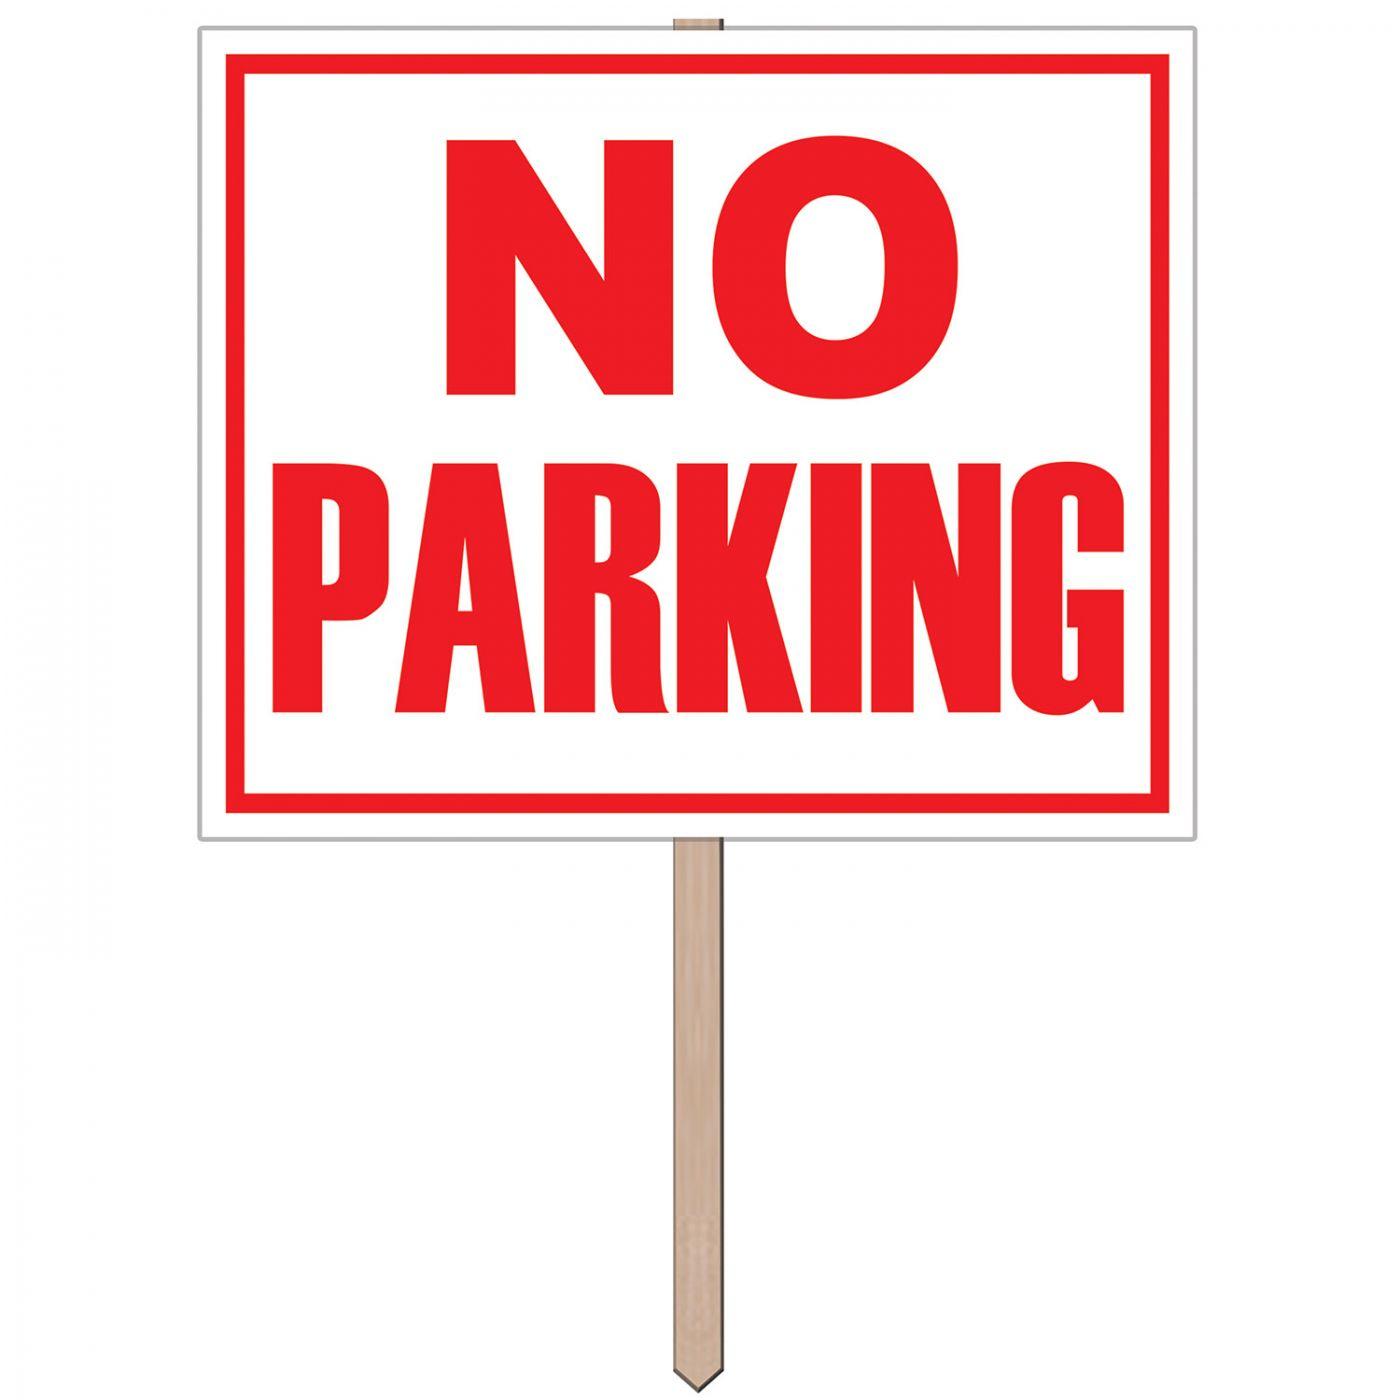 No Parking Yard Sign image